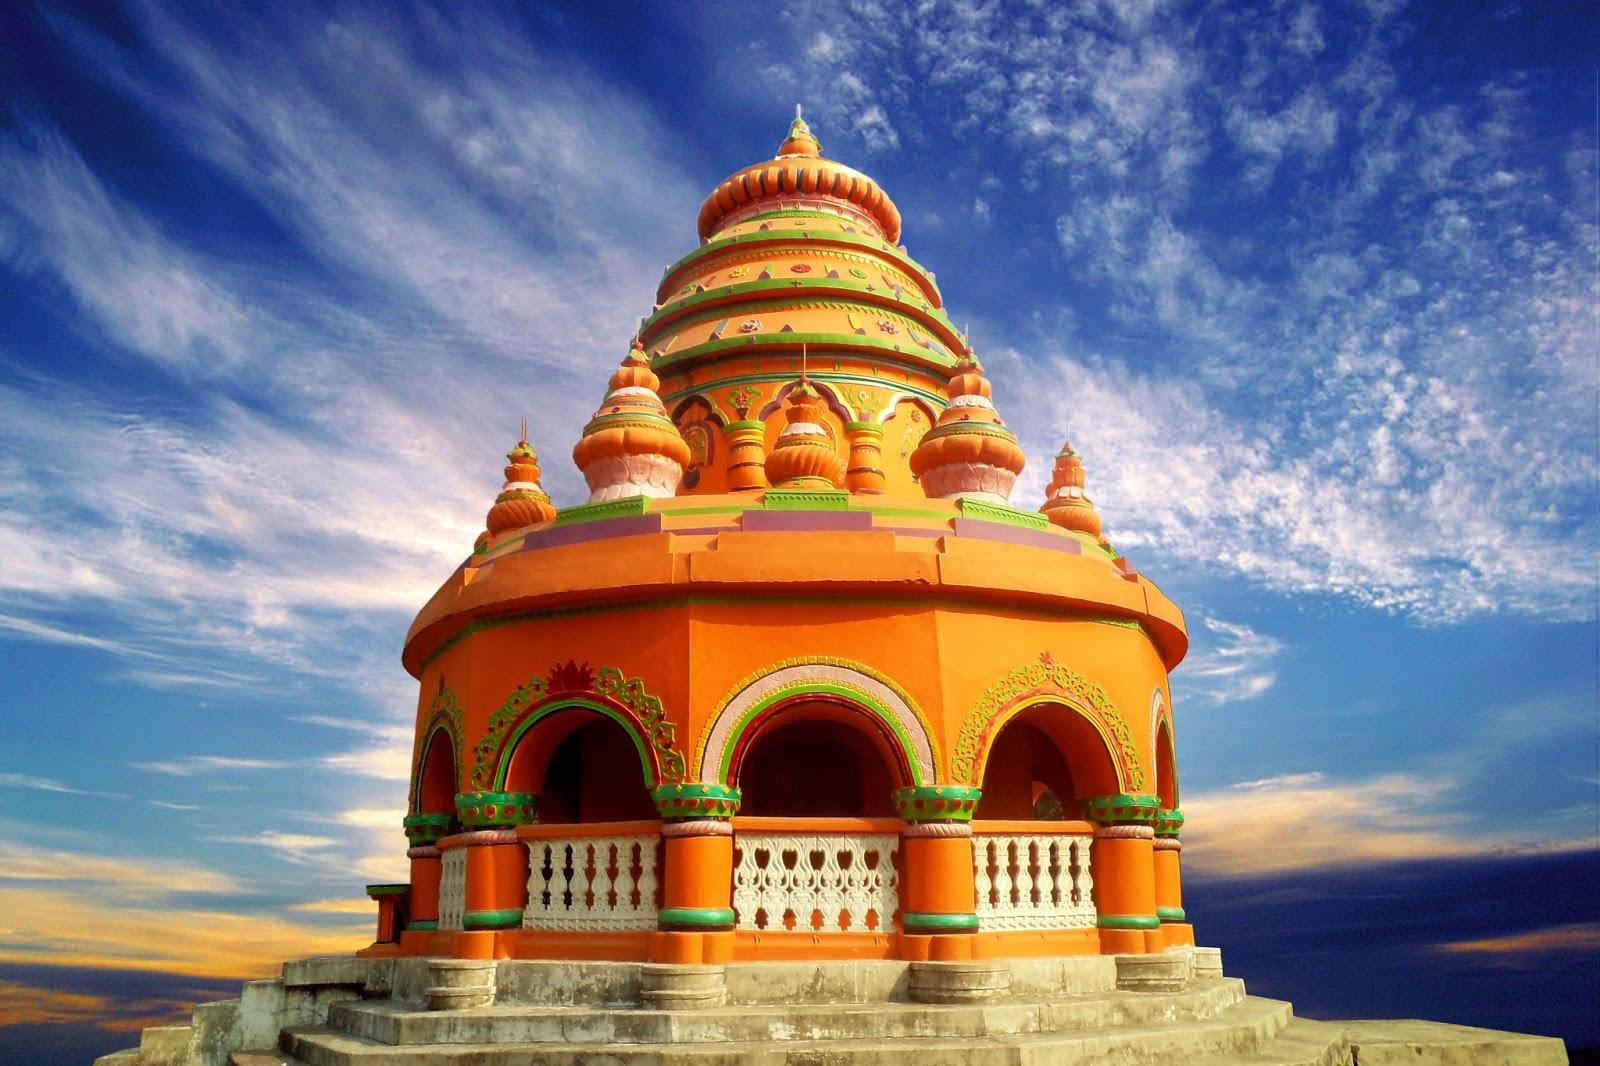 vipassana-meditation-centre-dhamma-mahimar-10